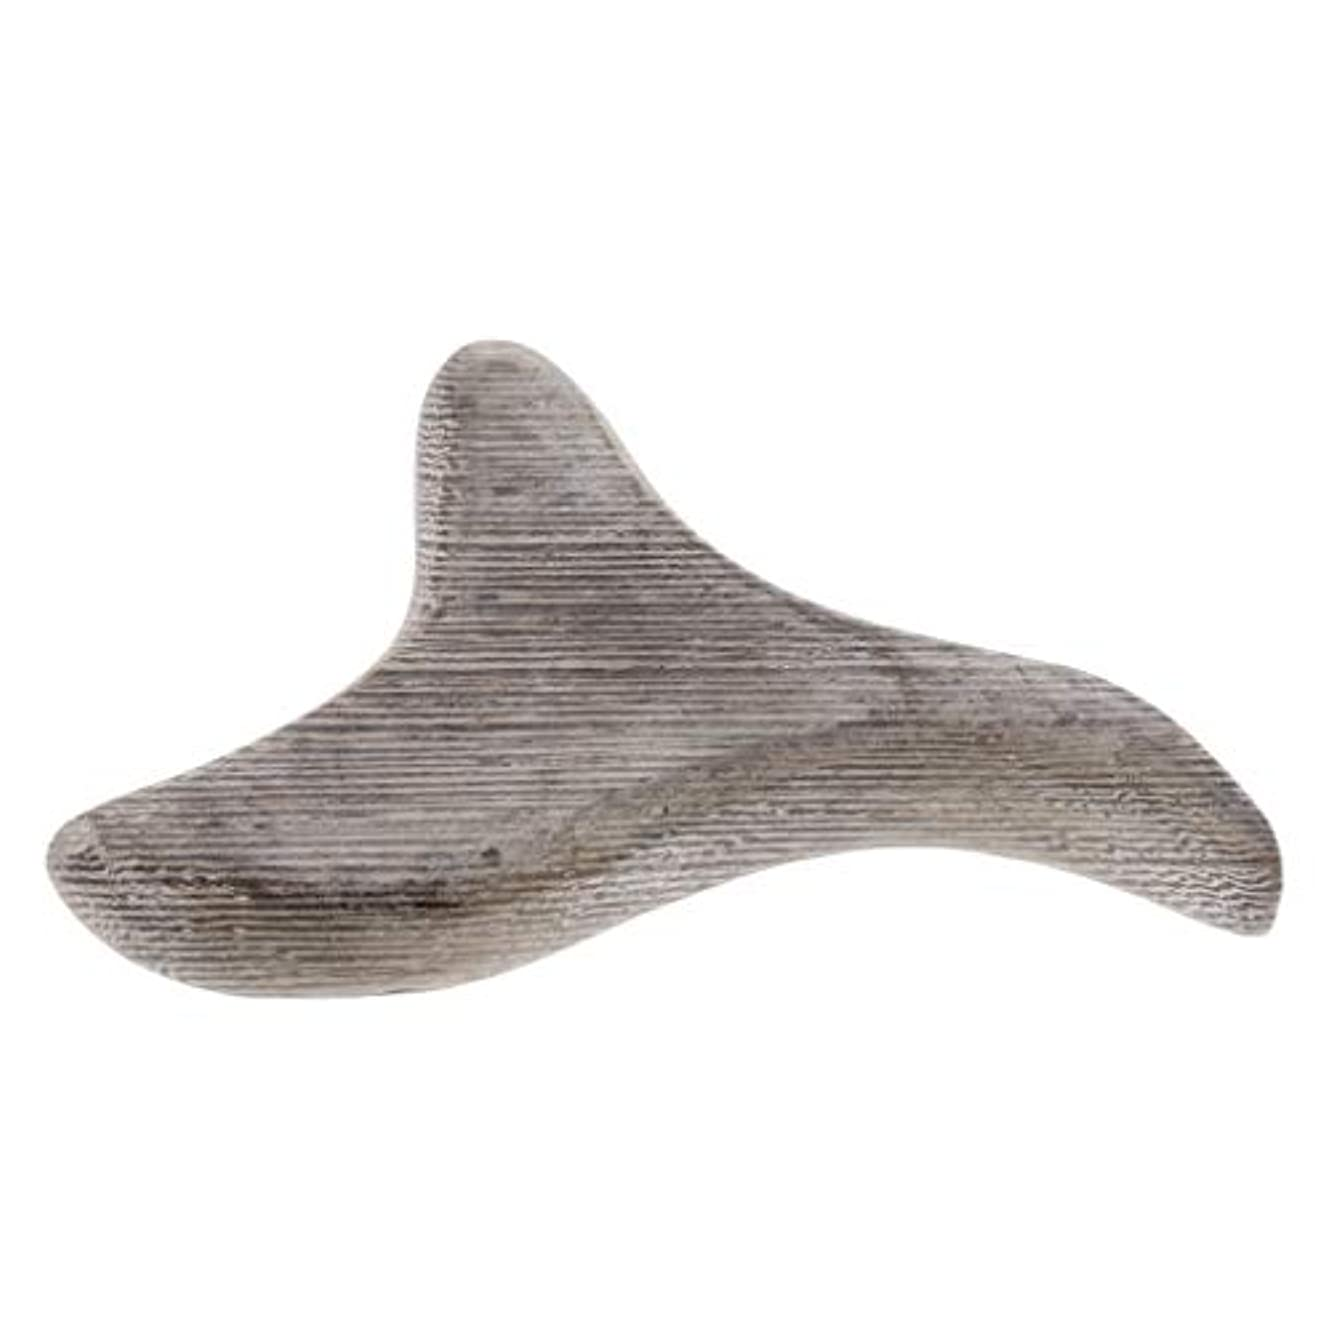 説明受付壊滅的な三角形 マッサージボード かっさプレート 木製 サロン エステ